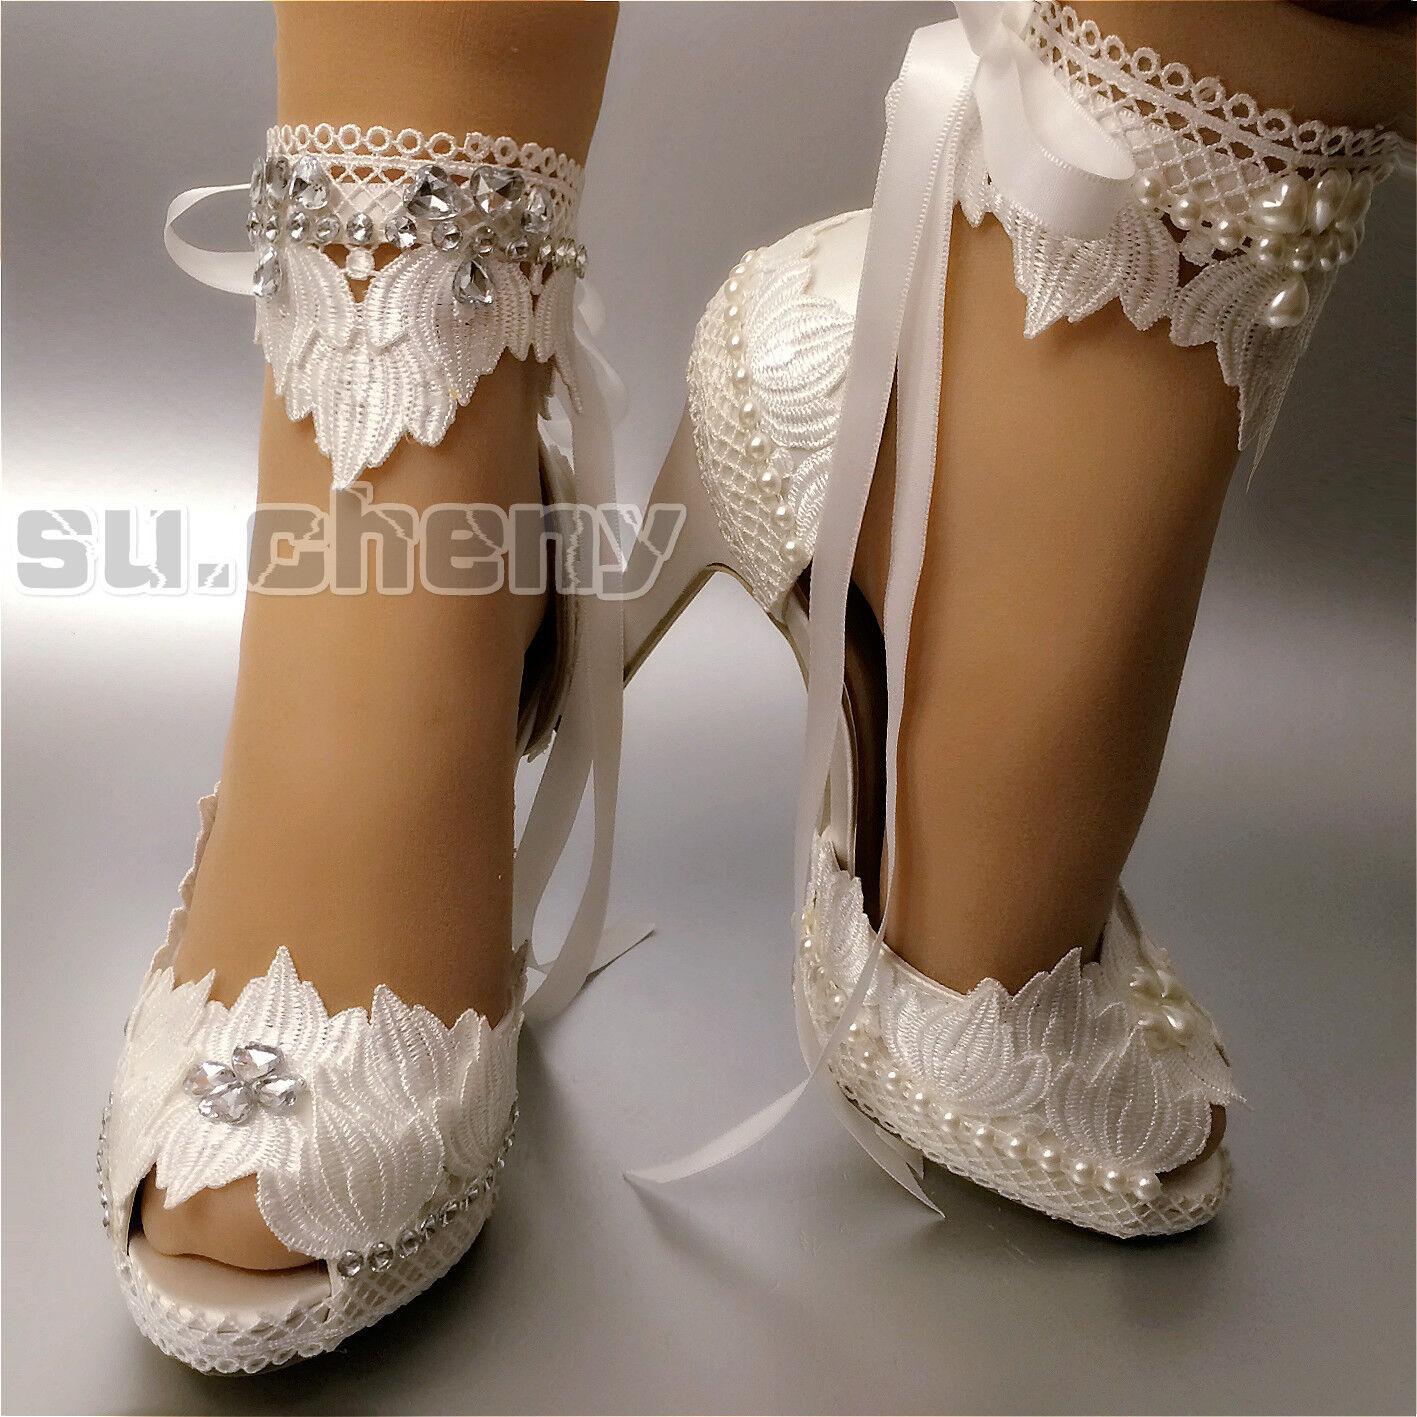 Su. Cheny 3  4  talón blancoo Marfil Satinado Encaje Cinta Peep Toe Zapatos Boda Nupcial